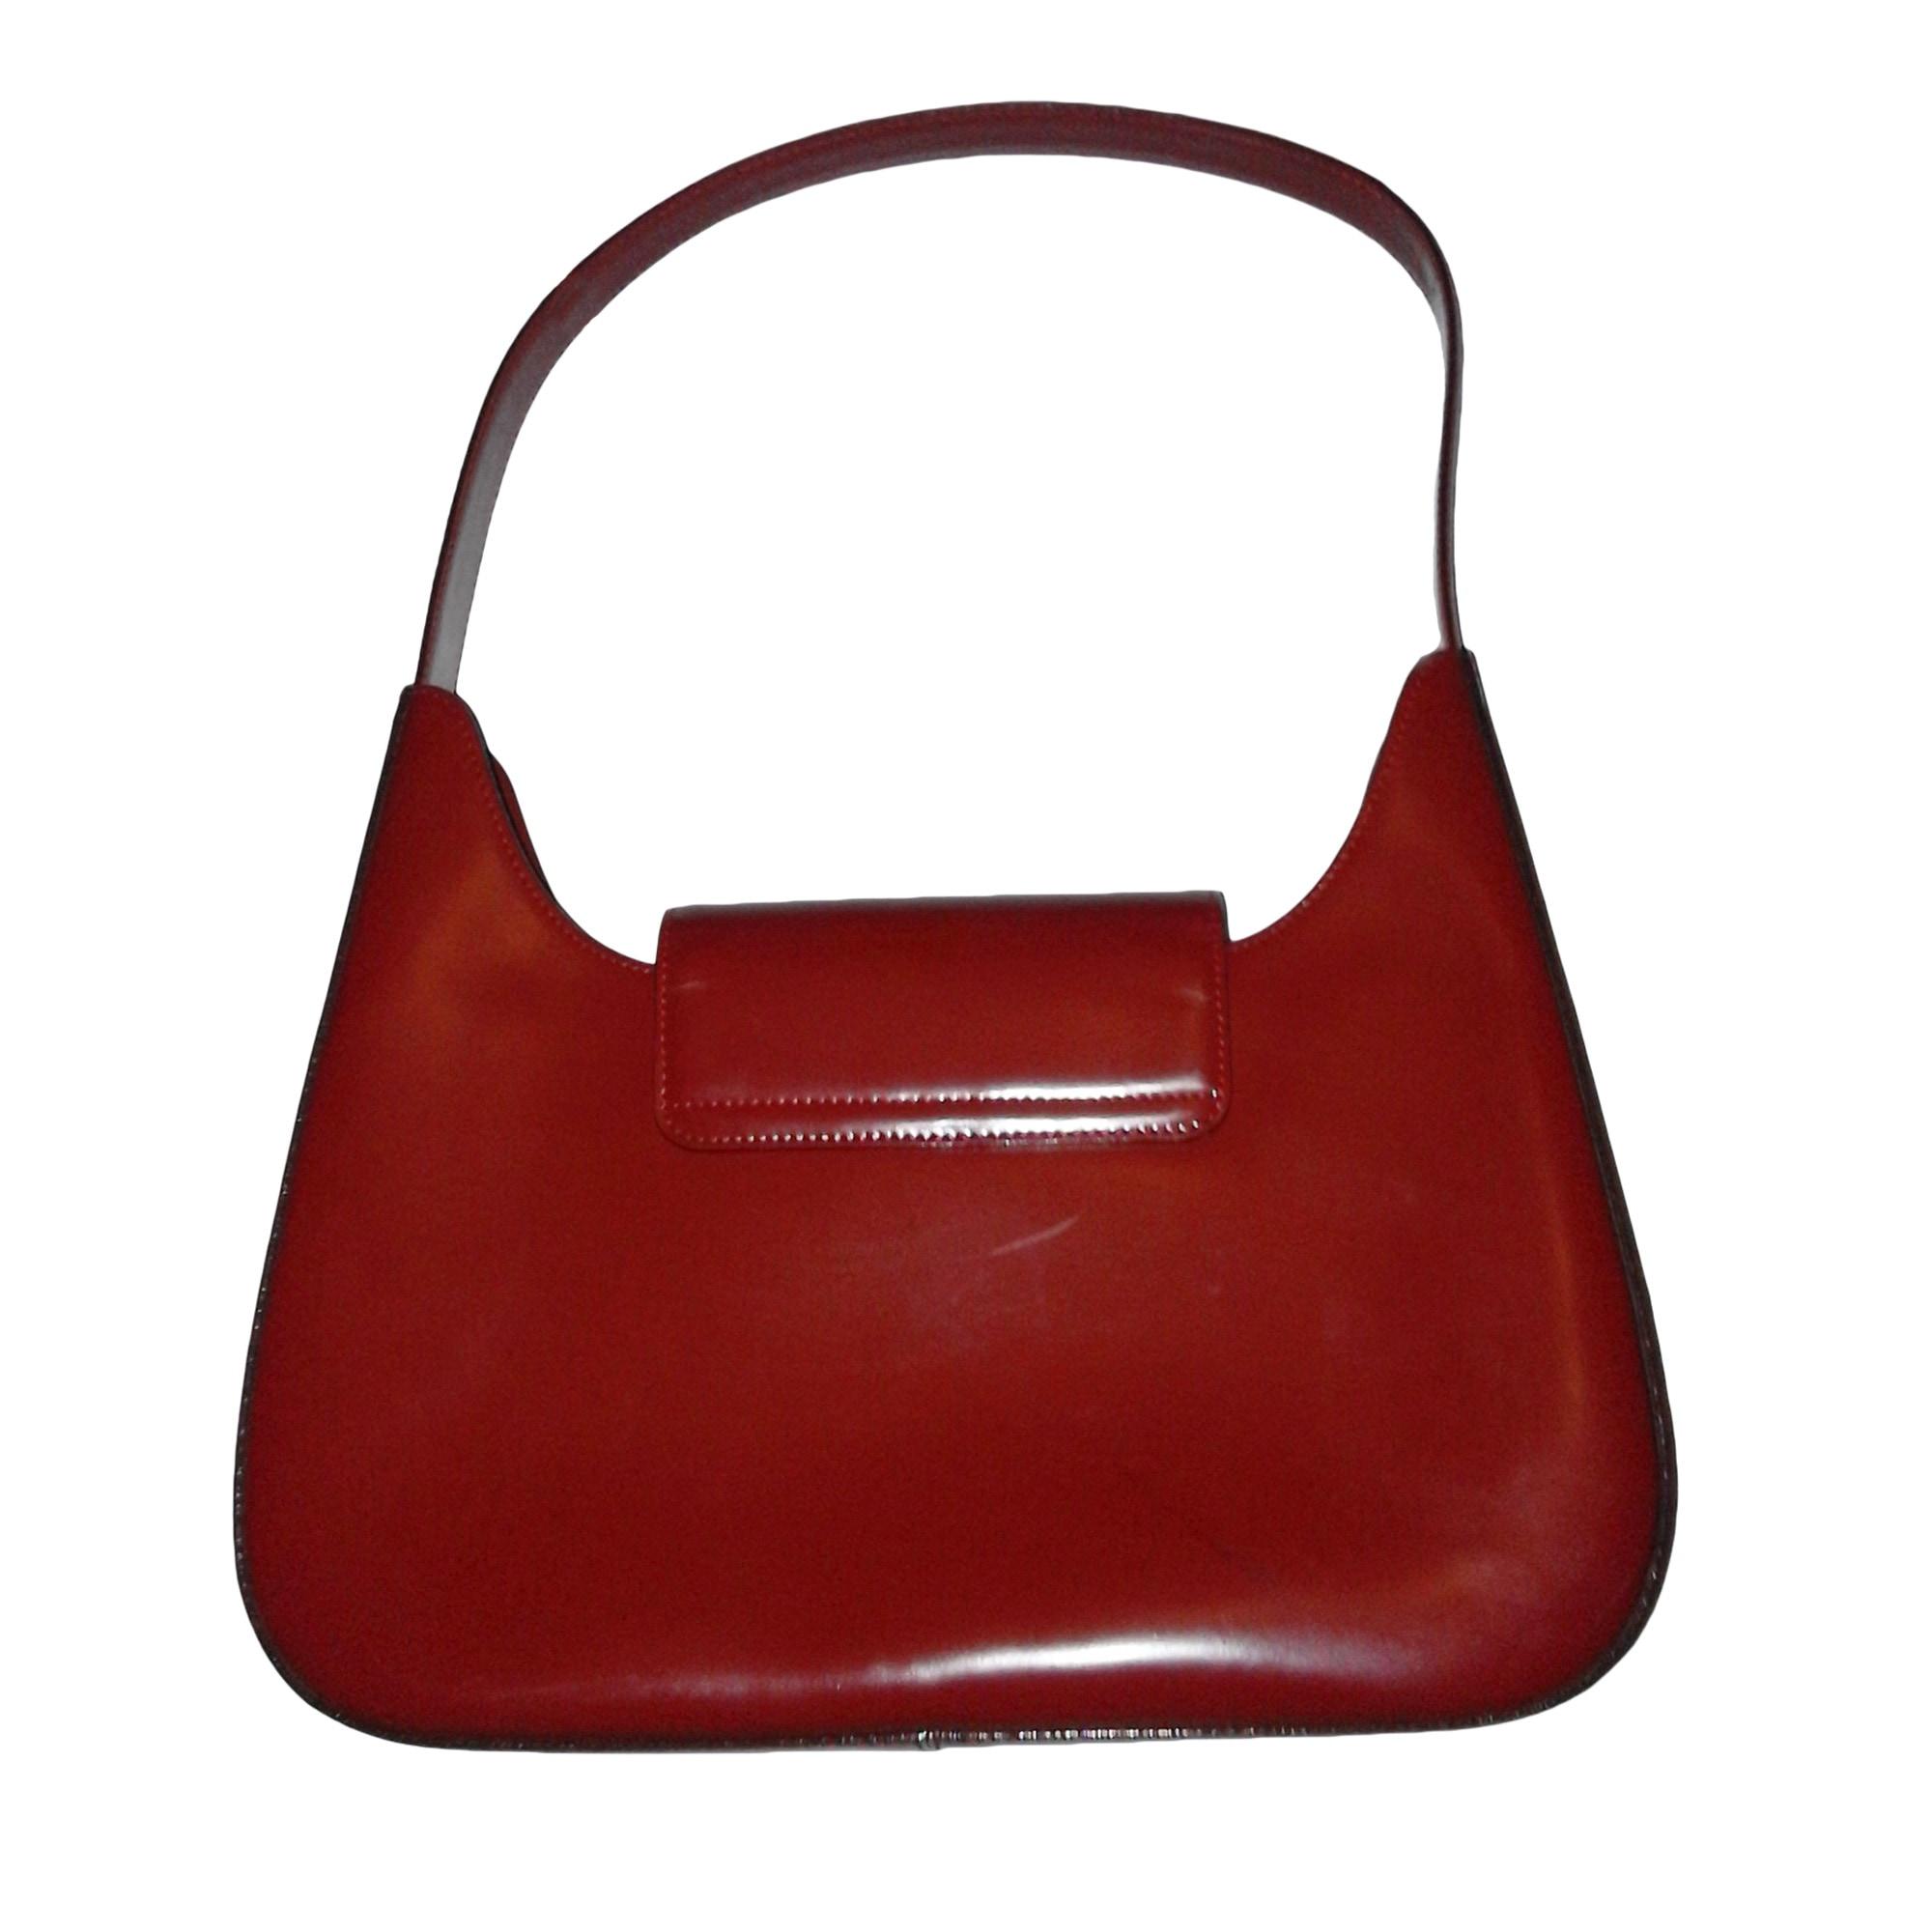 b9aad897c6 Sac à main en cuir LANCEL rouge vendu par Val 28 - 7086084